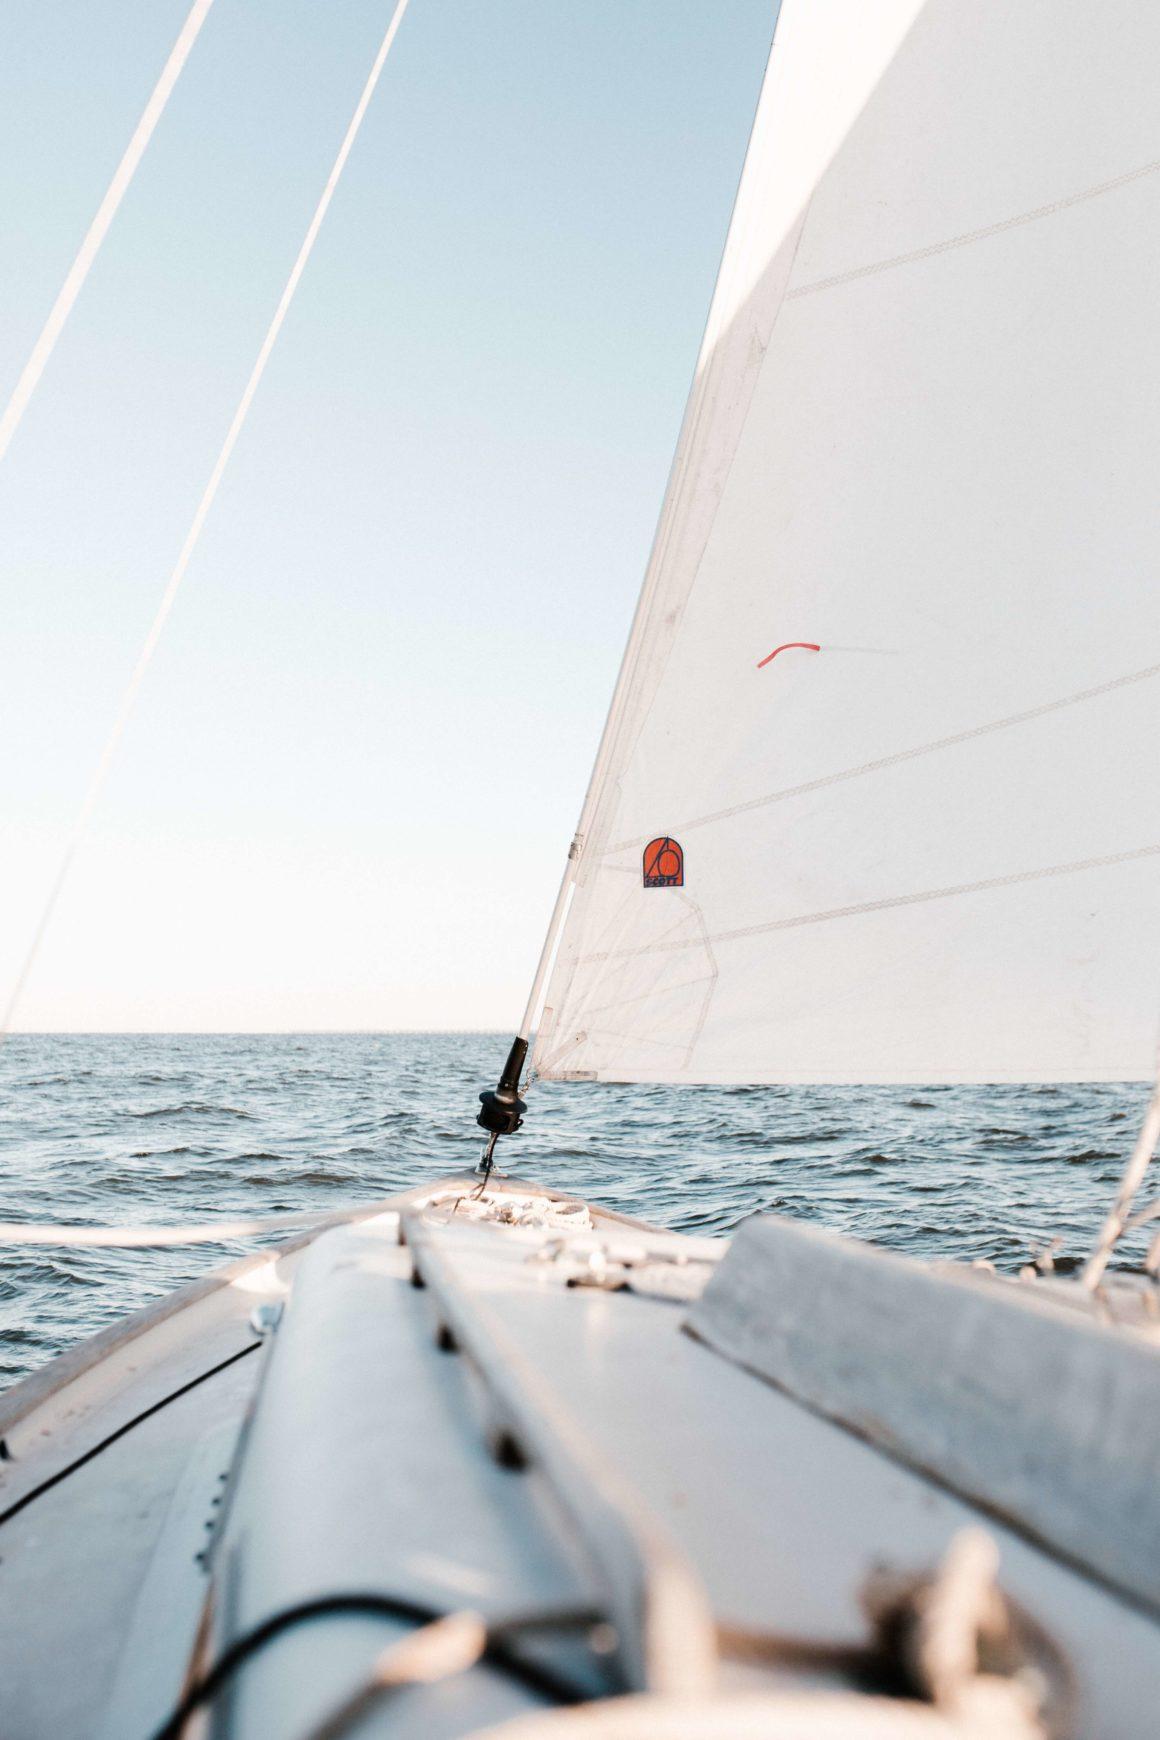 cuándo se podría navegar en velero